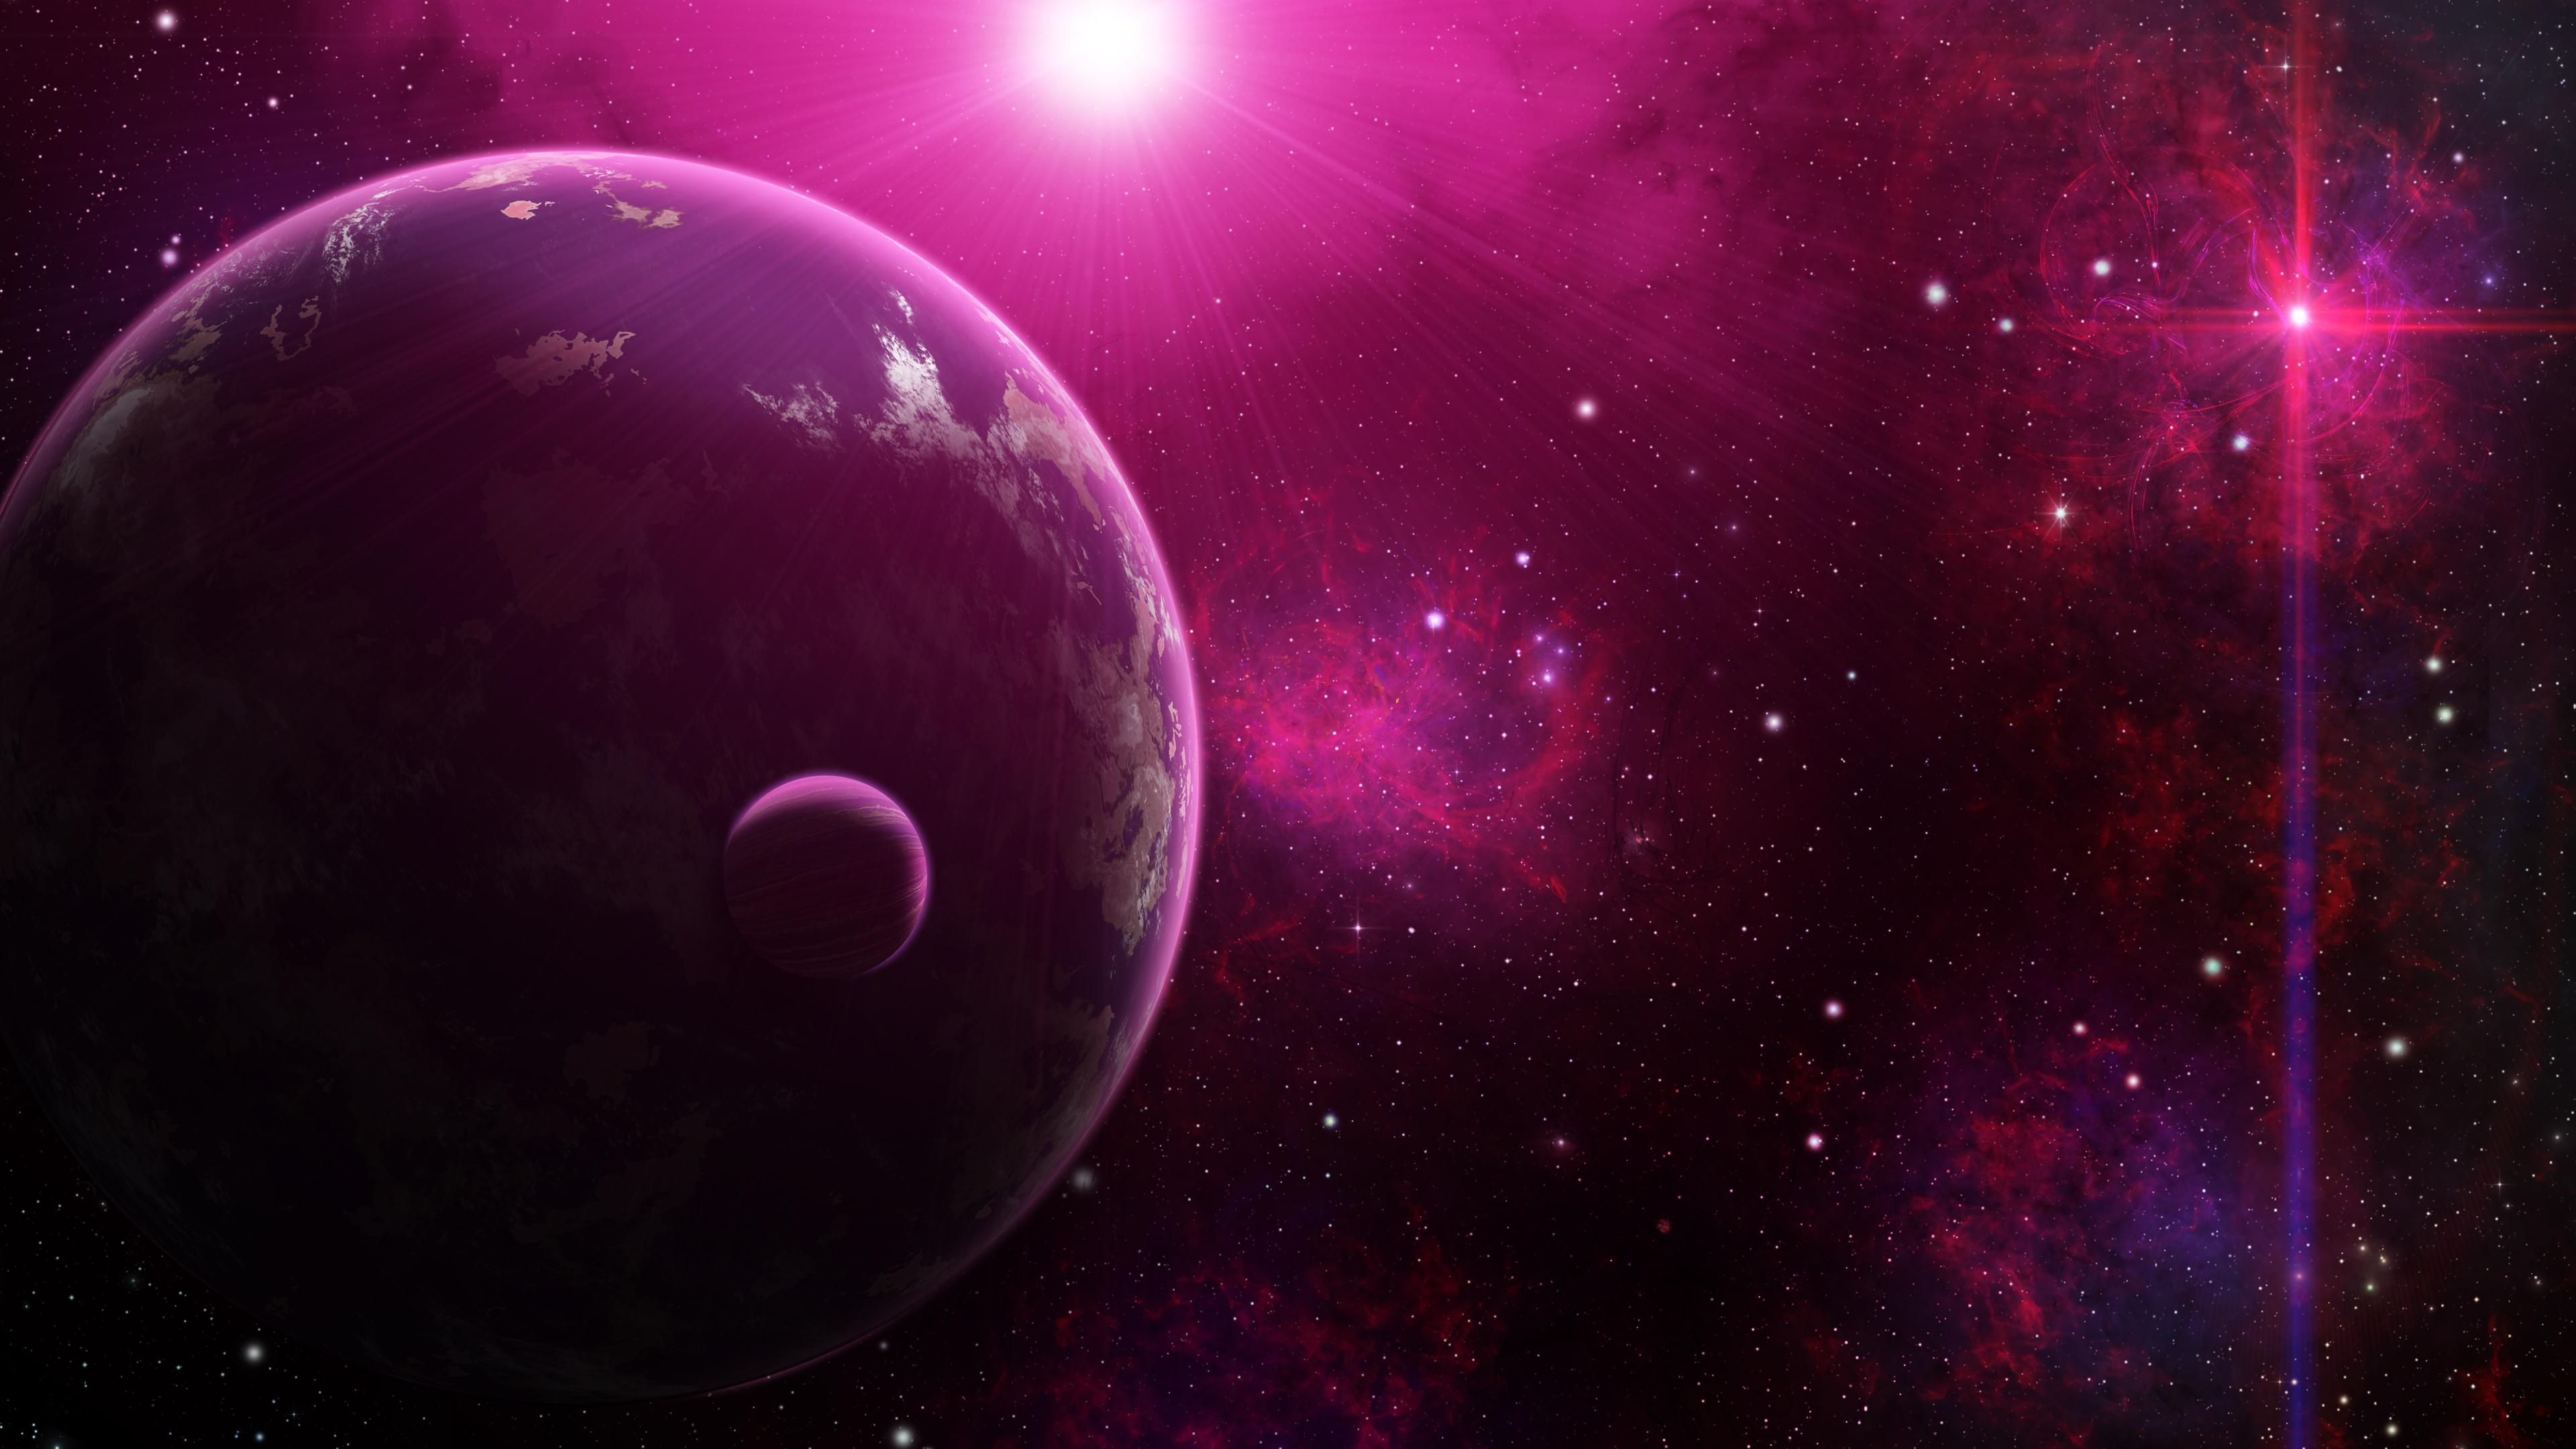 воды, женщины красивые картинки космоса на рабочий поп-дивы уже принялись